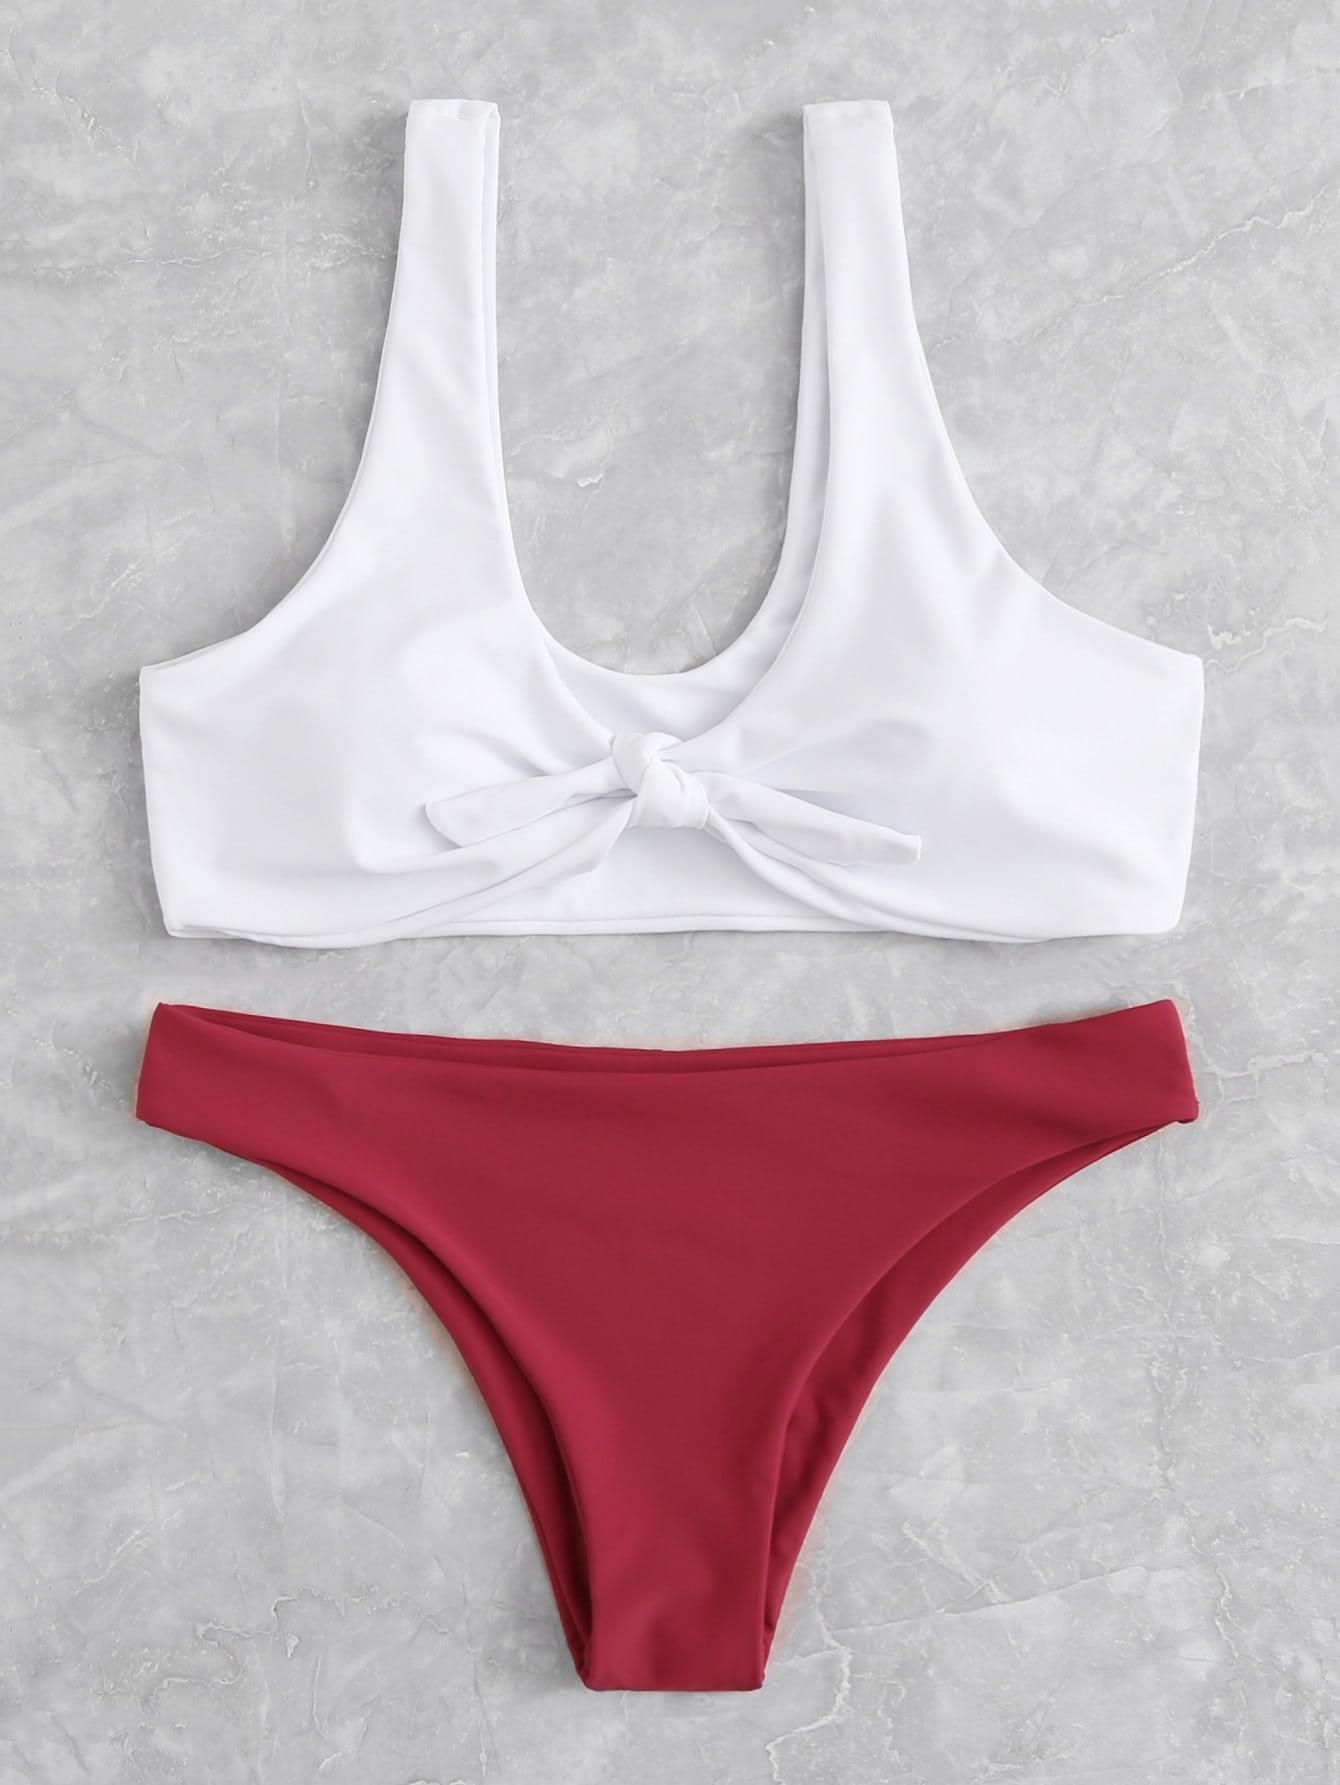 Mix And Match Knot Bikini Set small beginnings mix and match